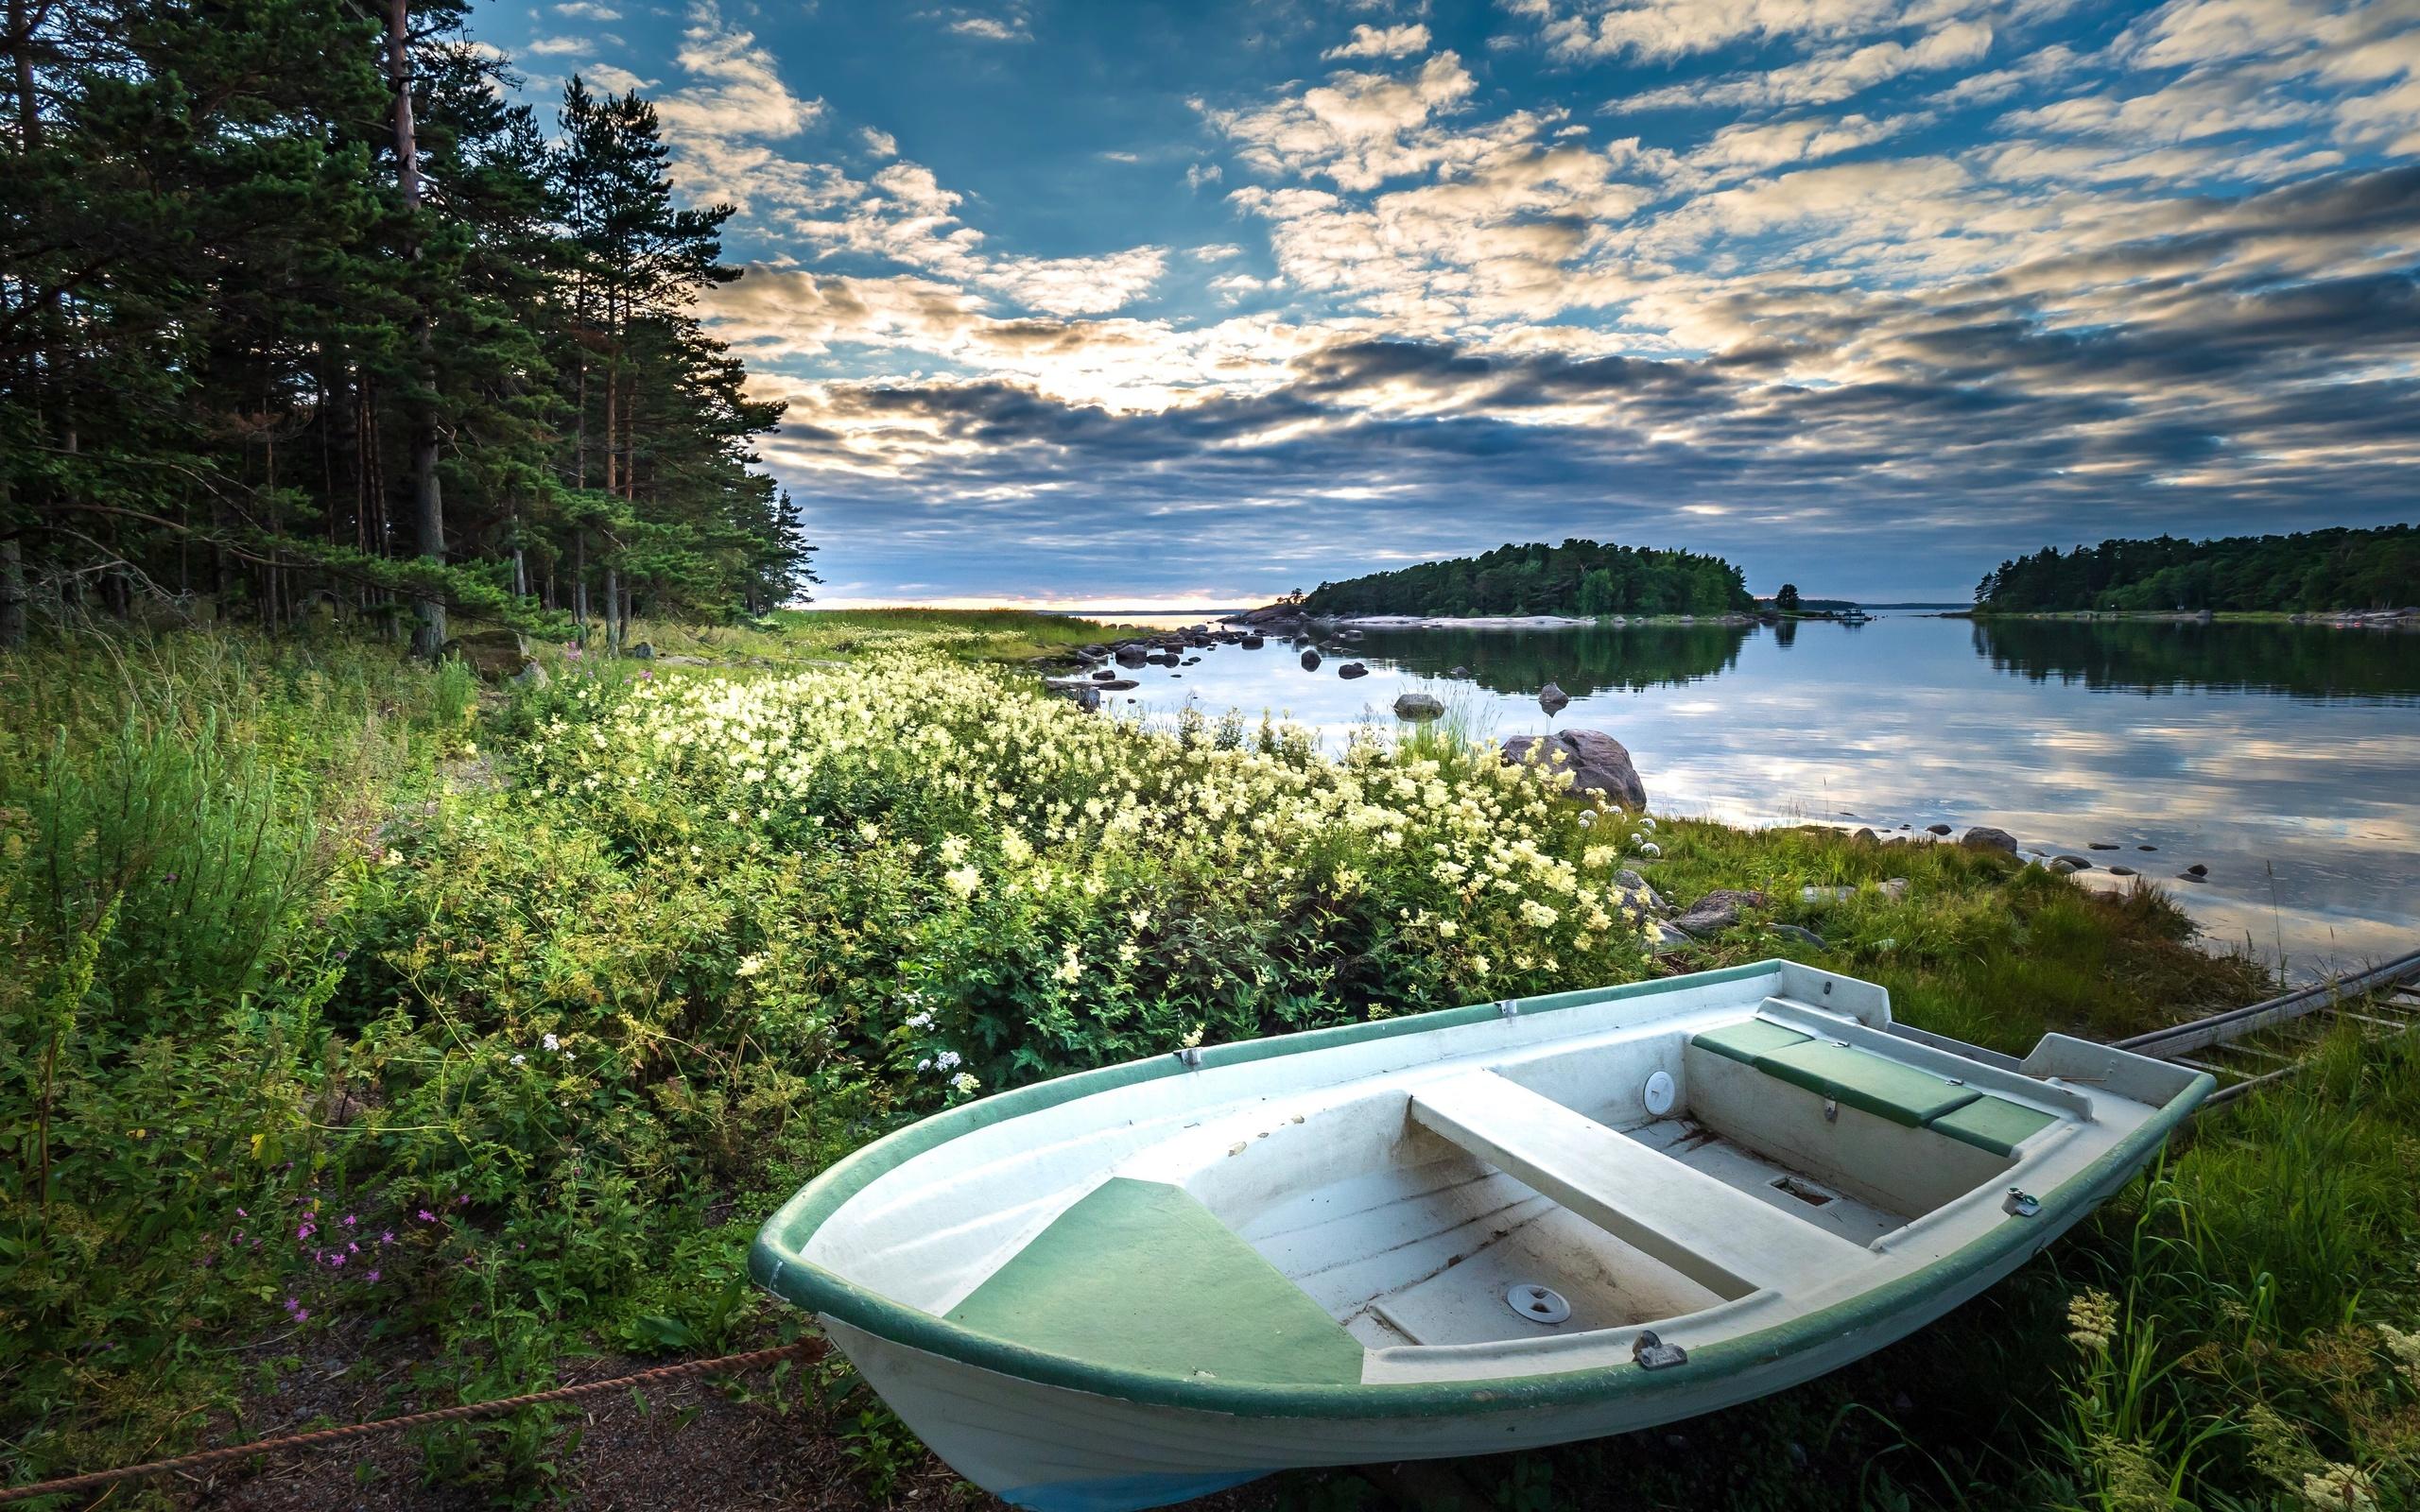 вода, деревья, пейзаж, природа, берег, лодка, травы, финляндия